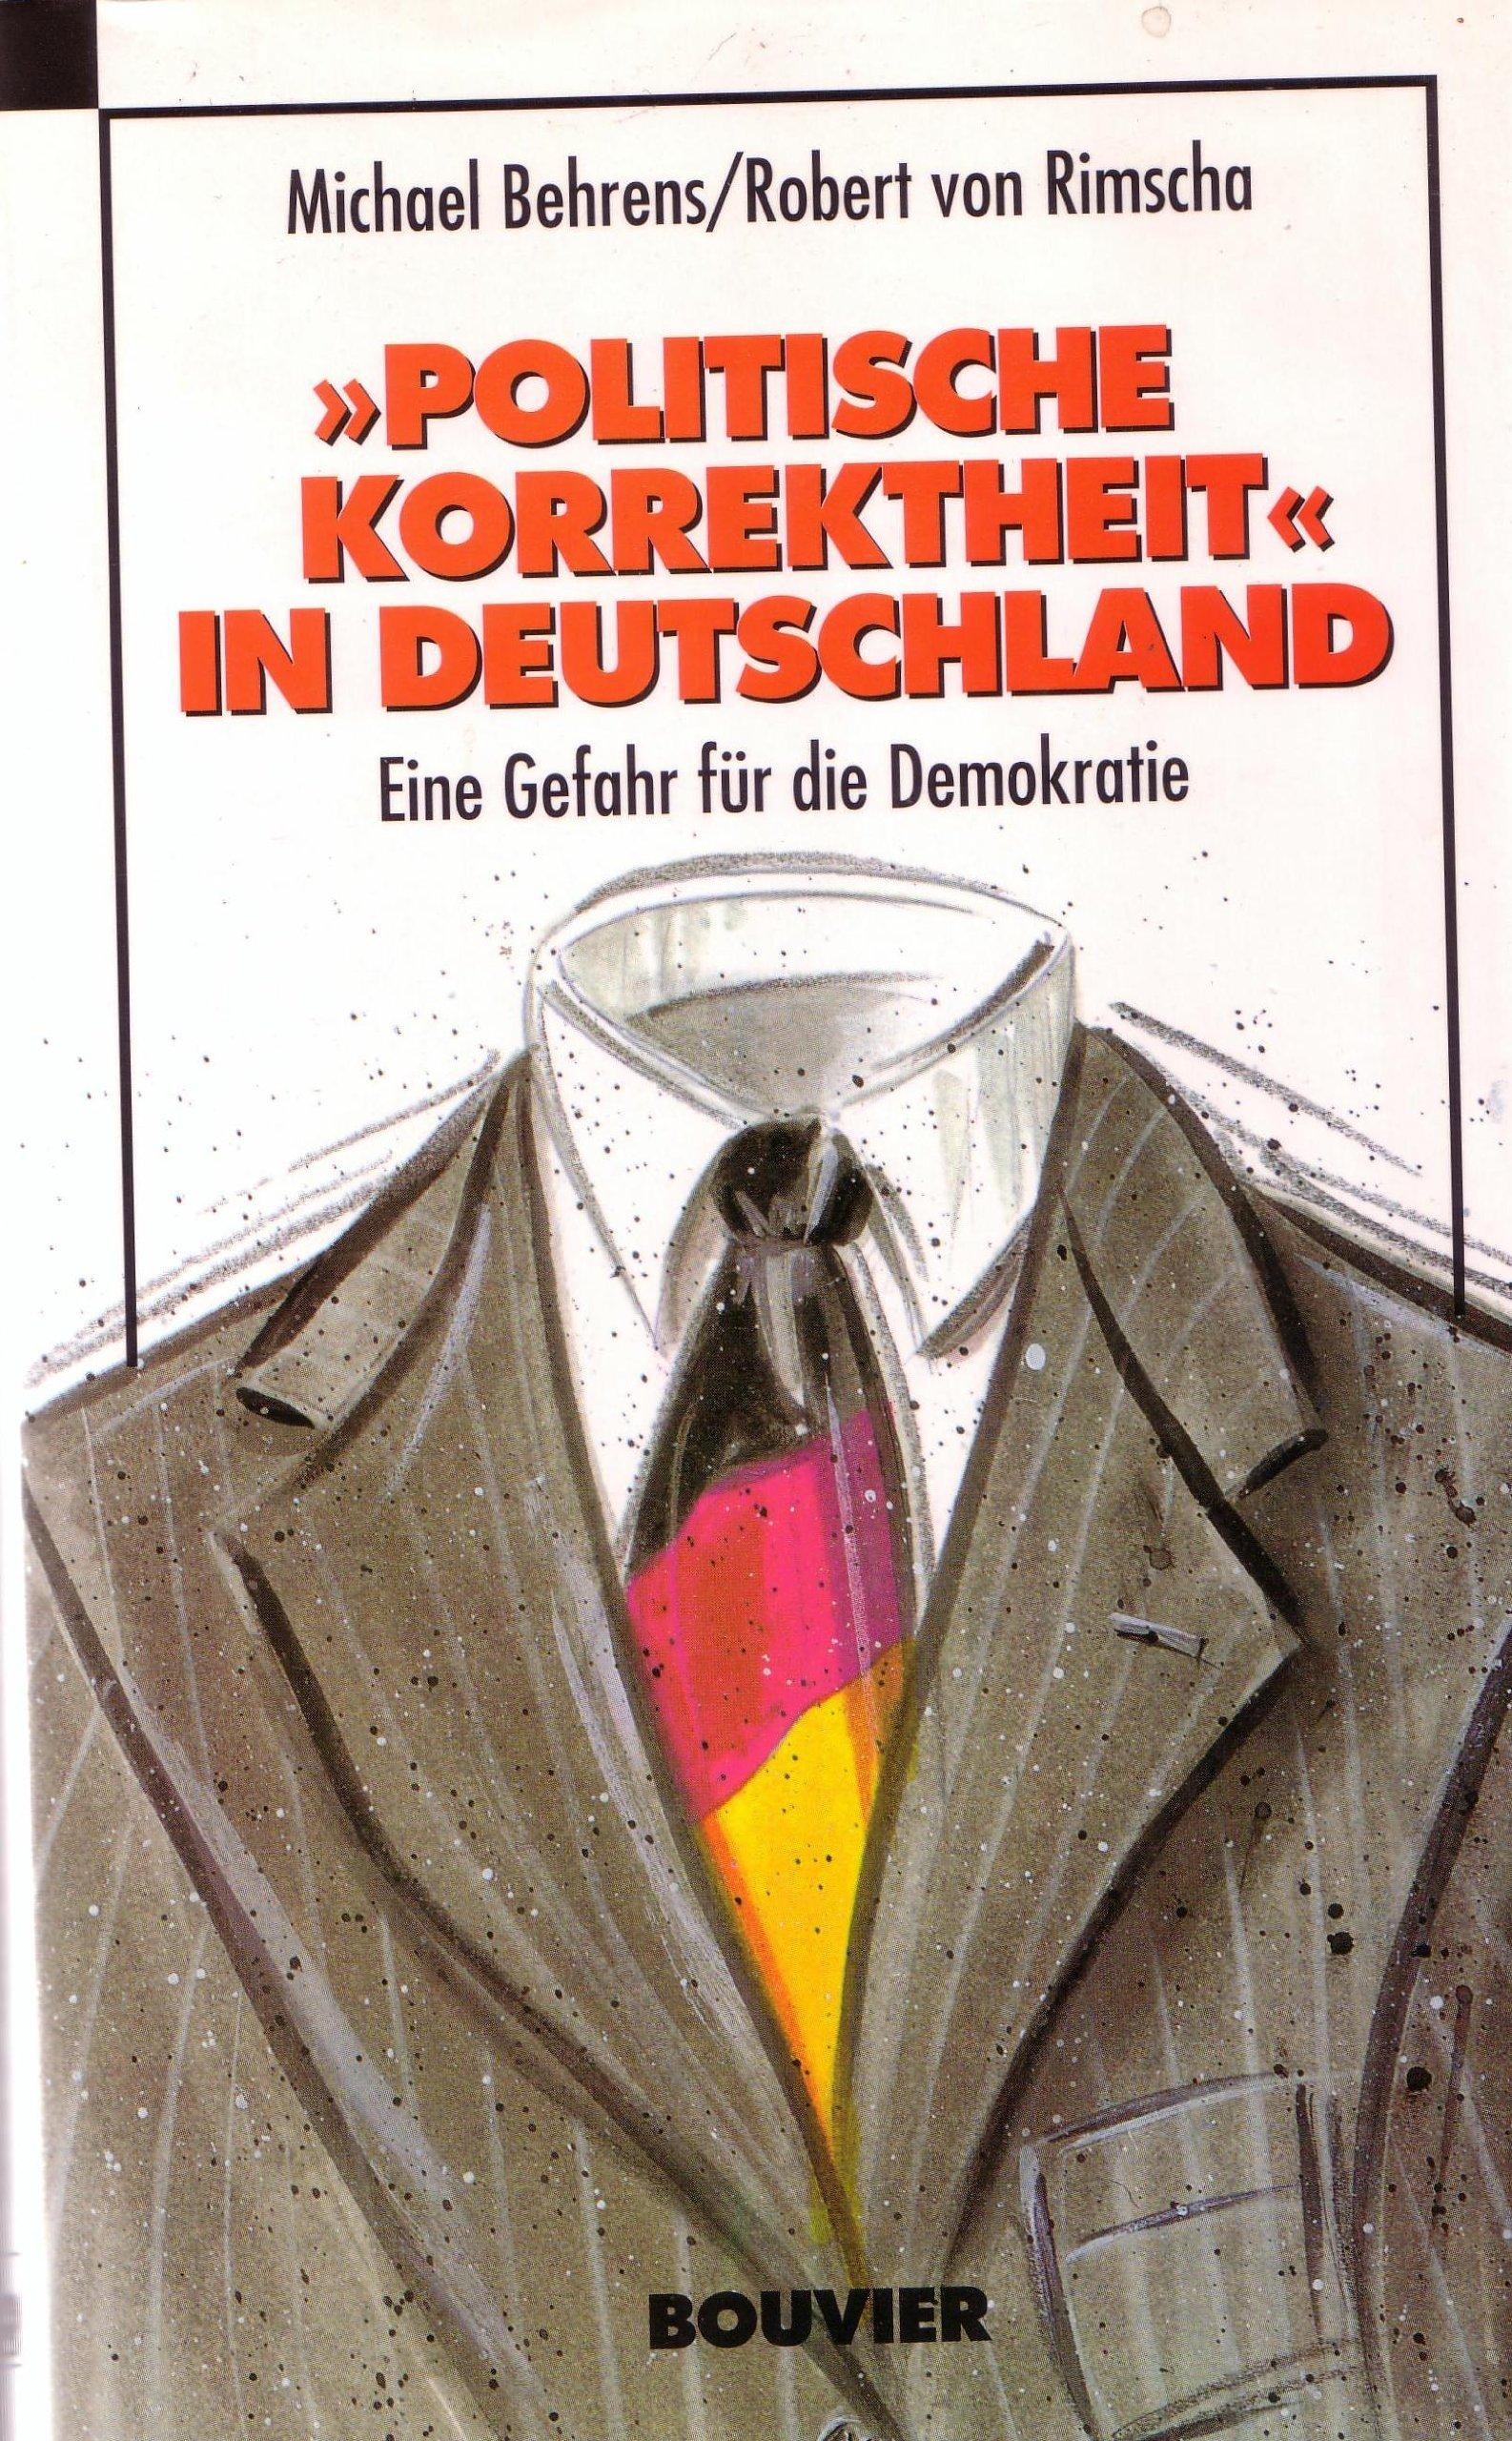 'Politische Korrektheit' in Deutschland